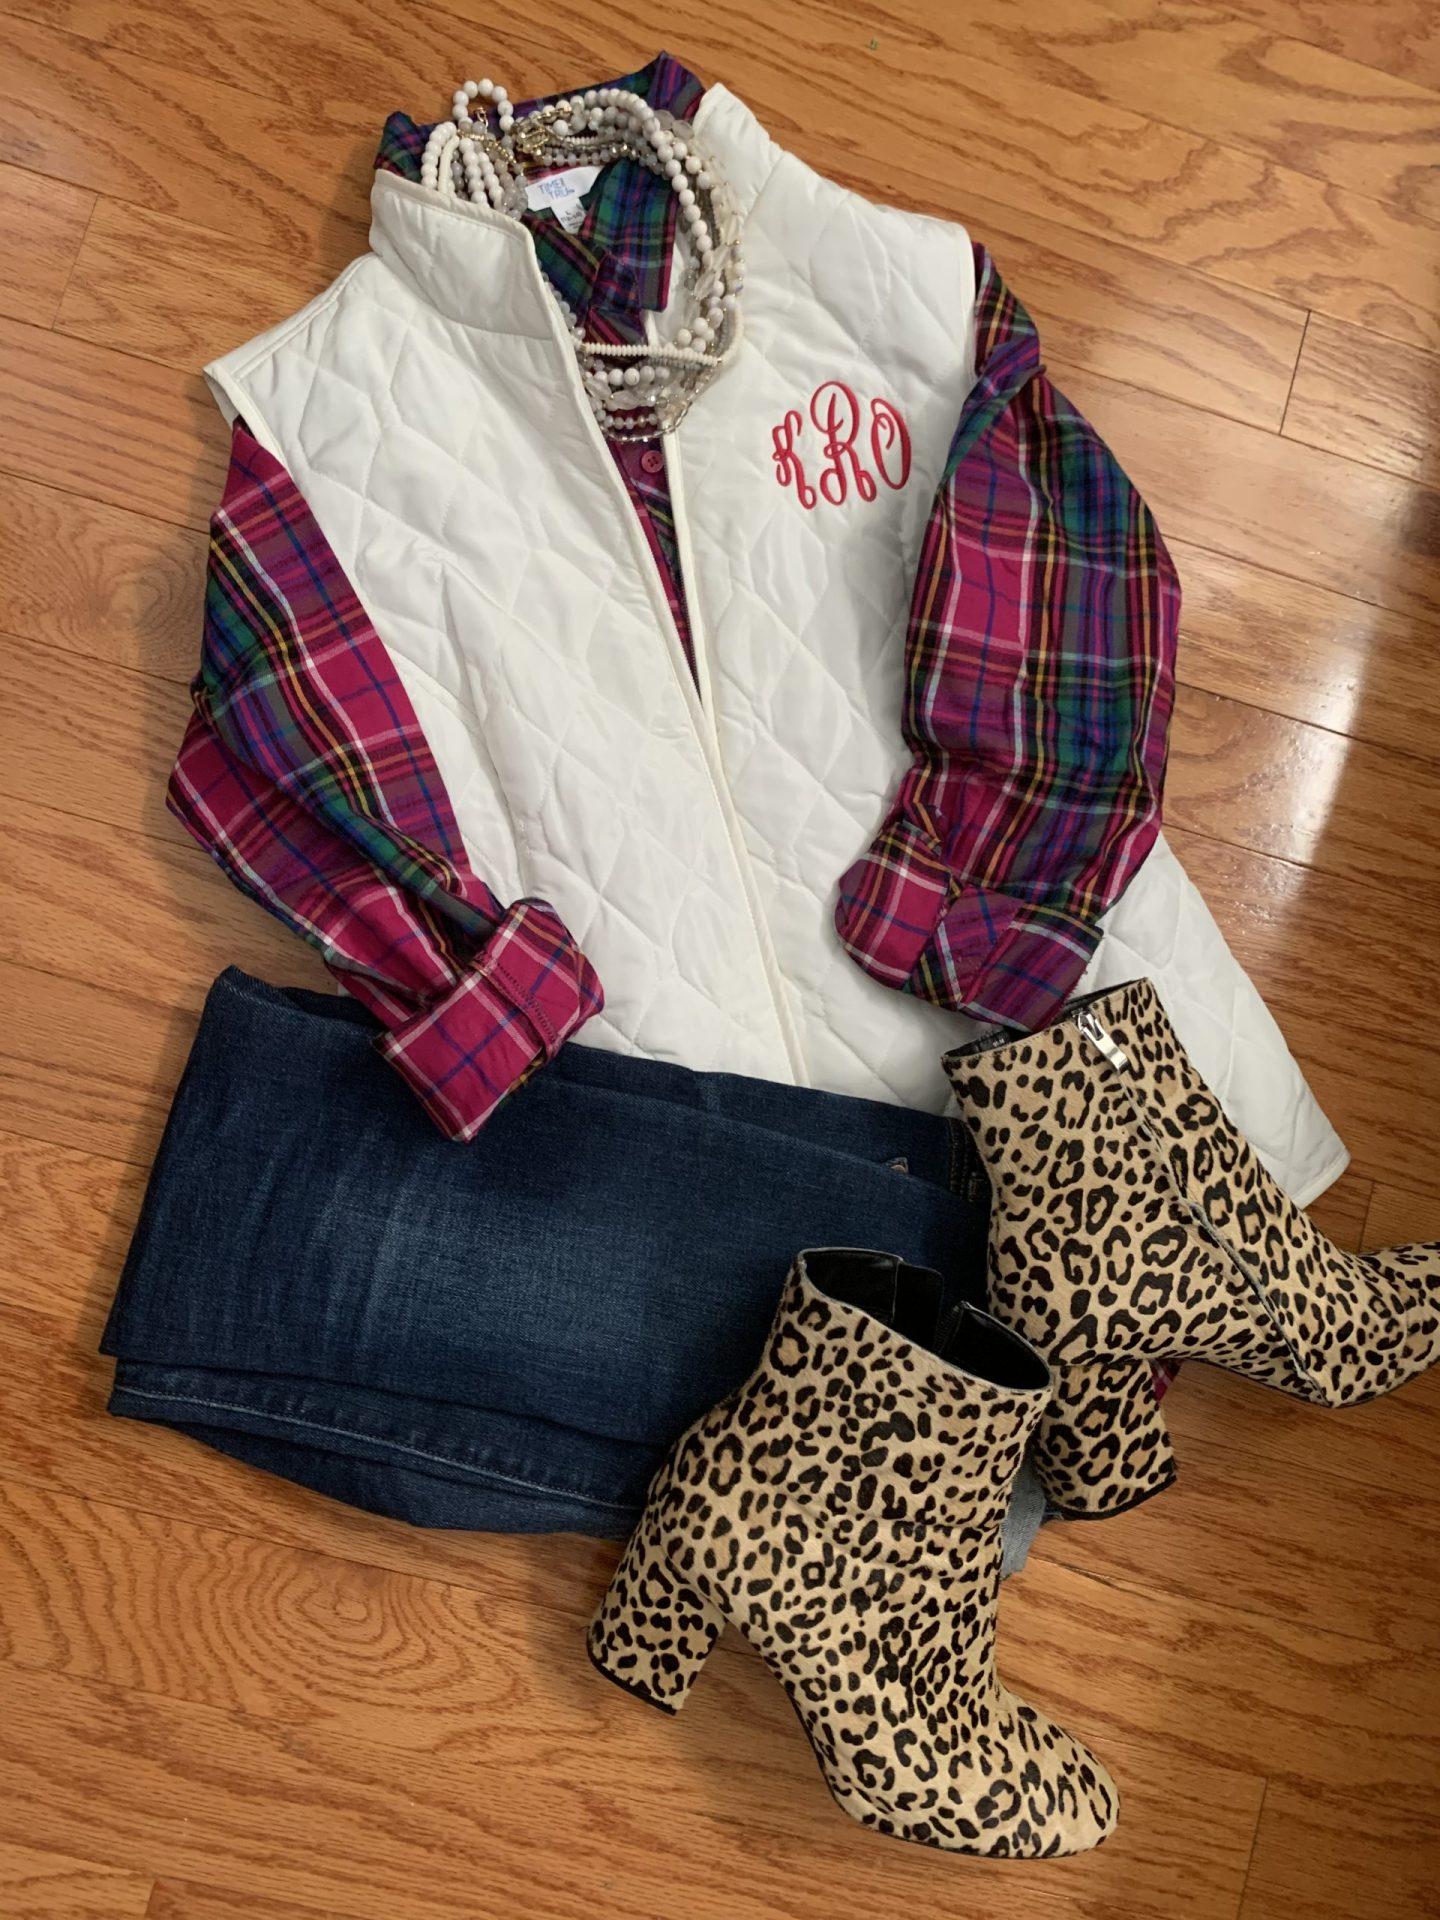 Plaid shirt + Vest + Jeans + Leopard Booties